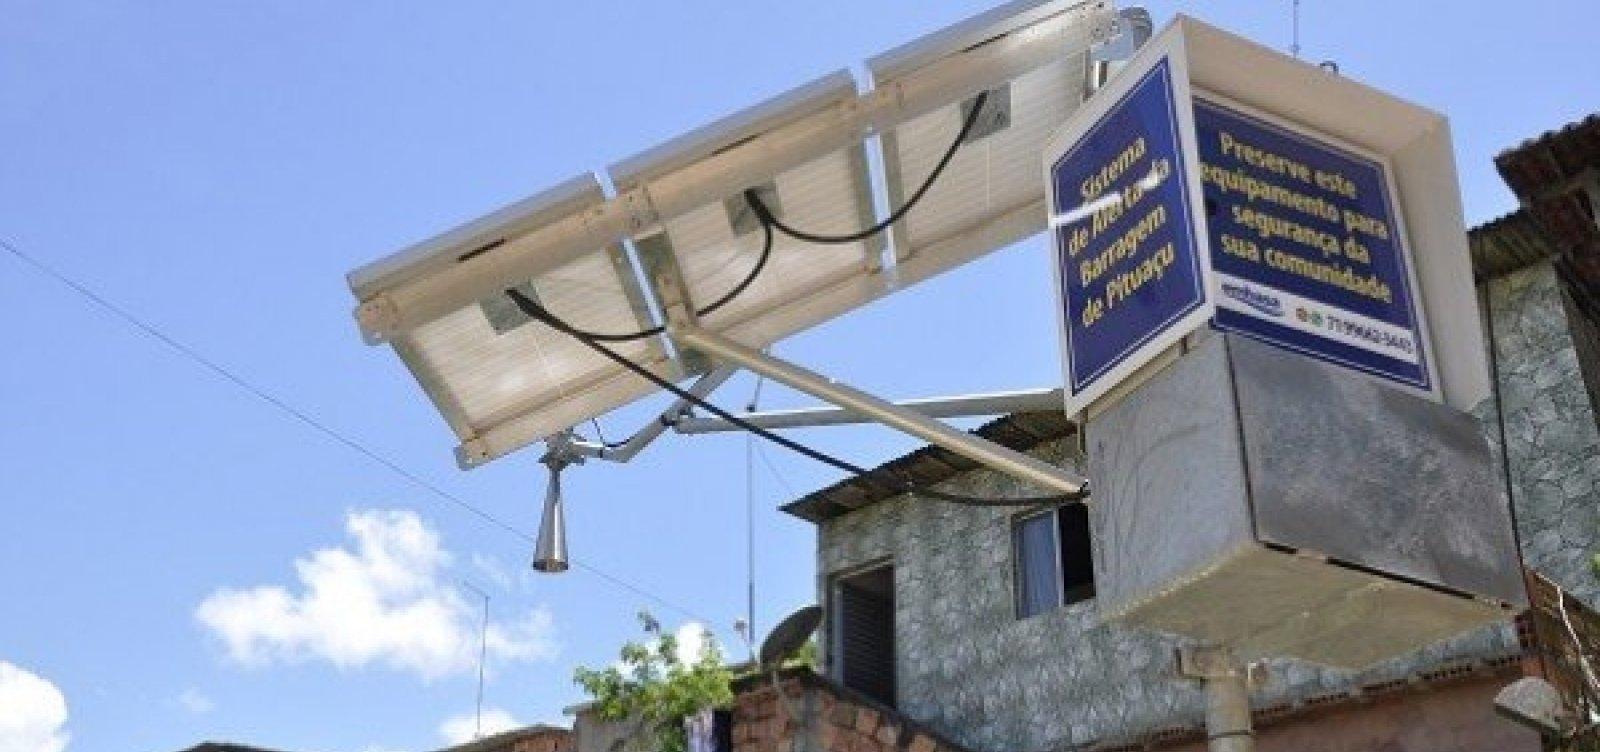 Sirenes do sistema de emergência da barragem de Pituaçu são testadas